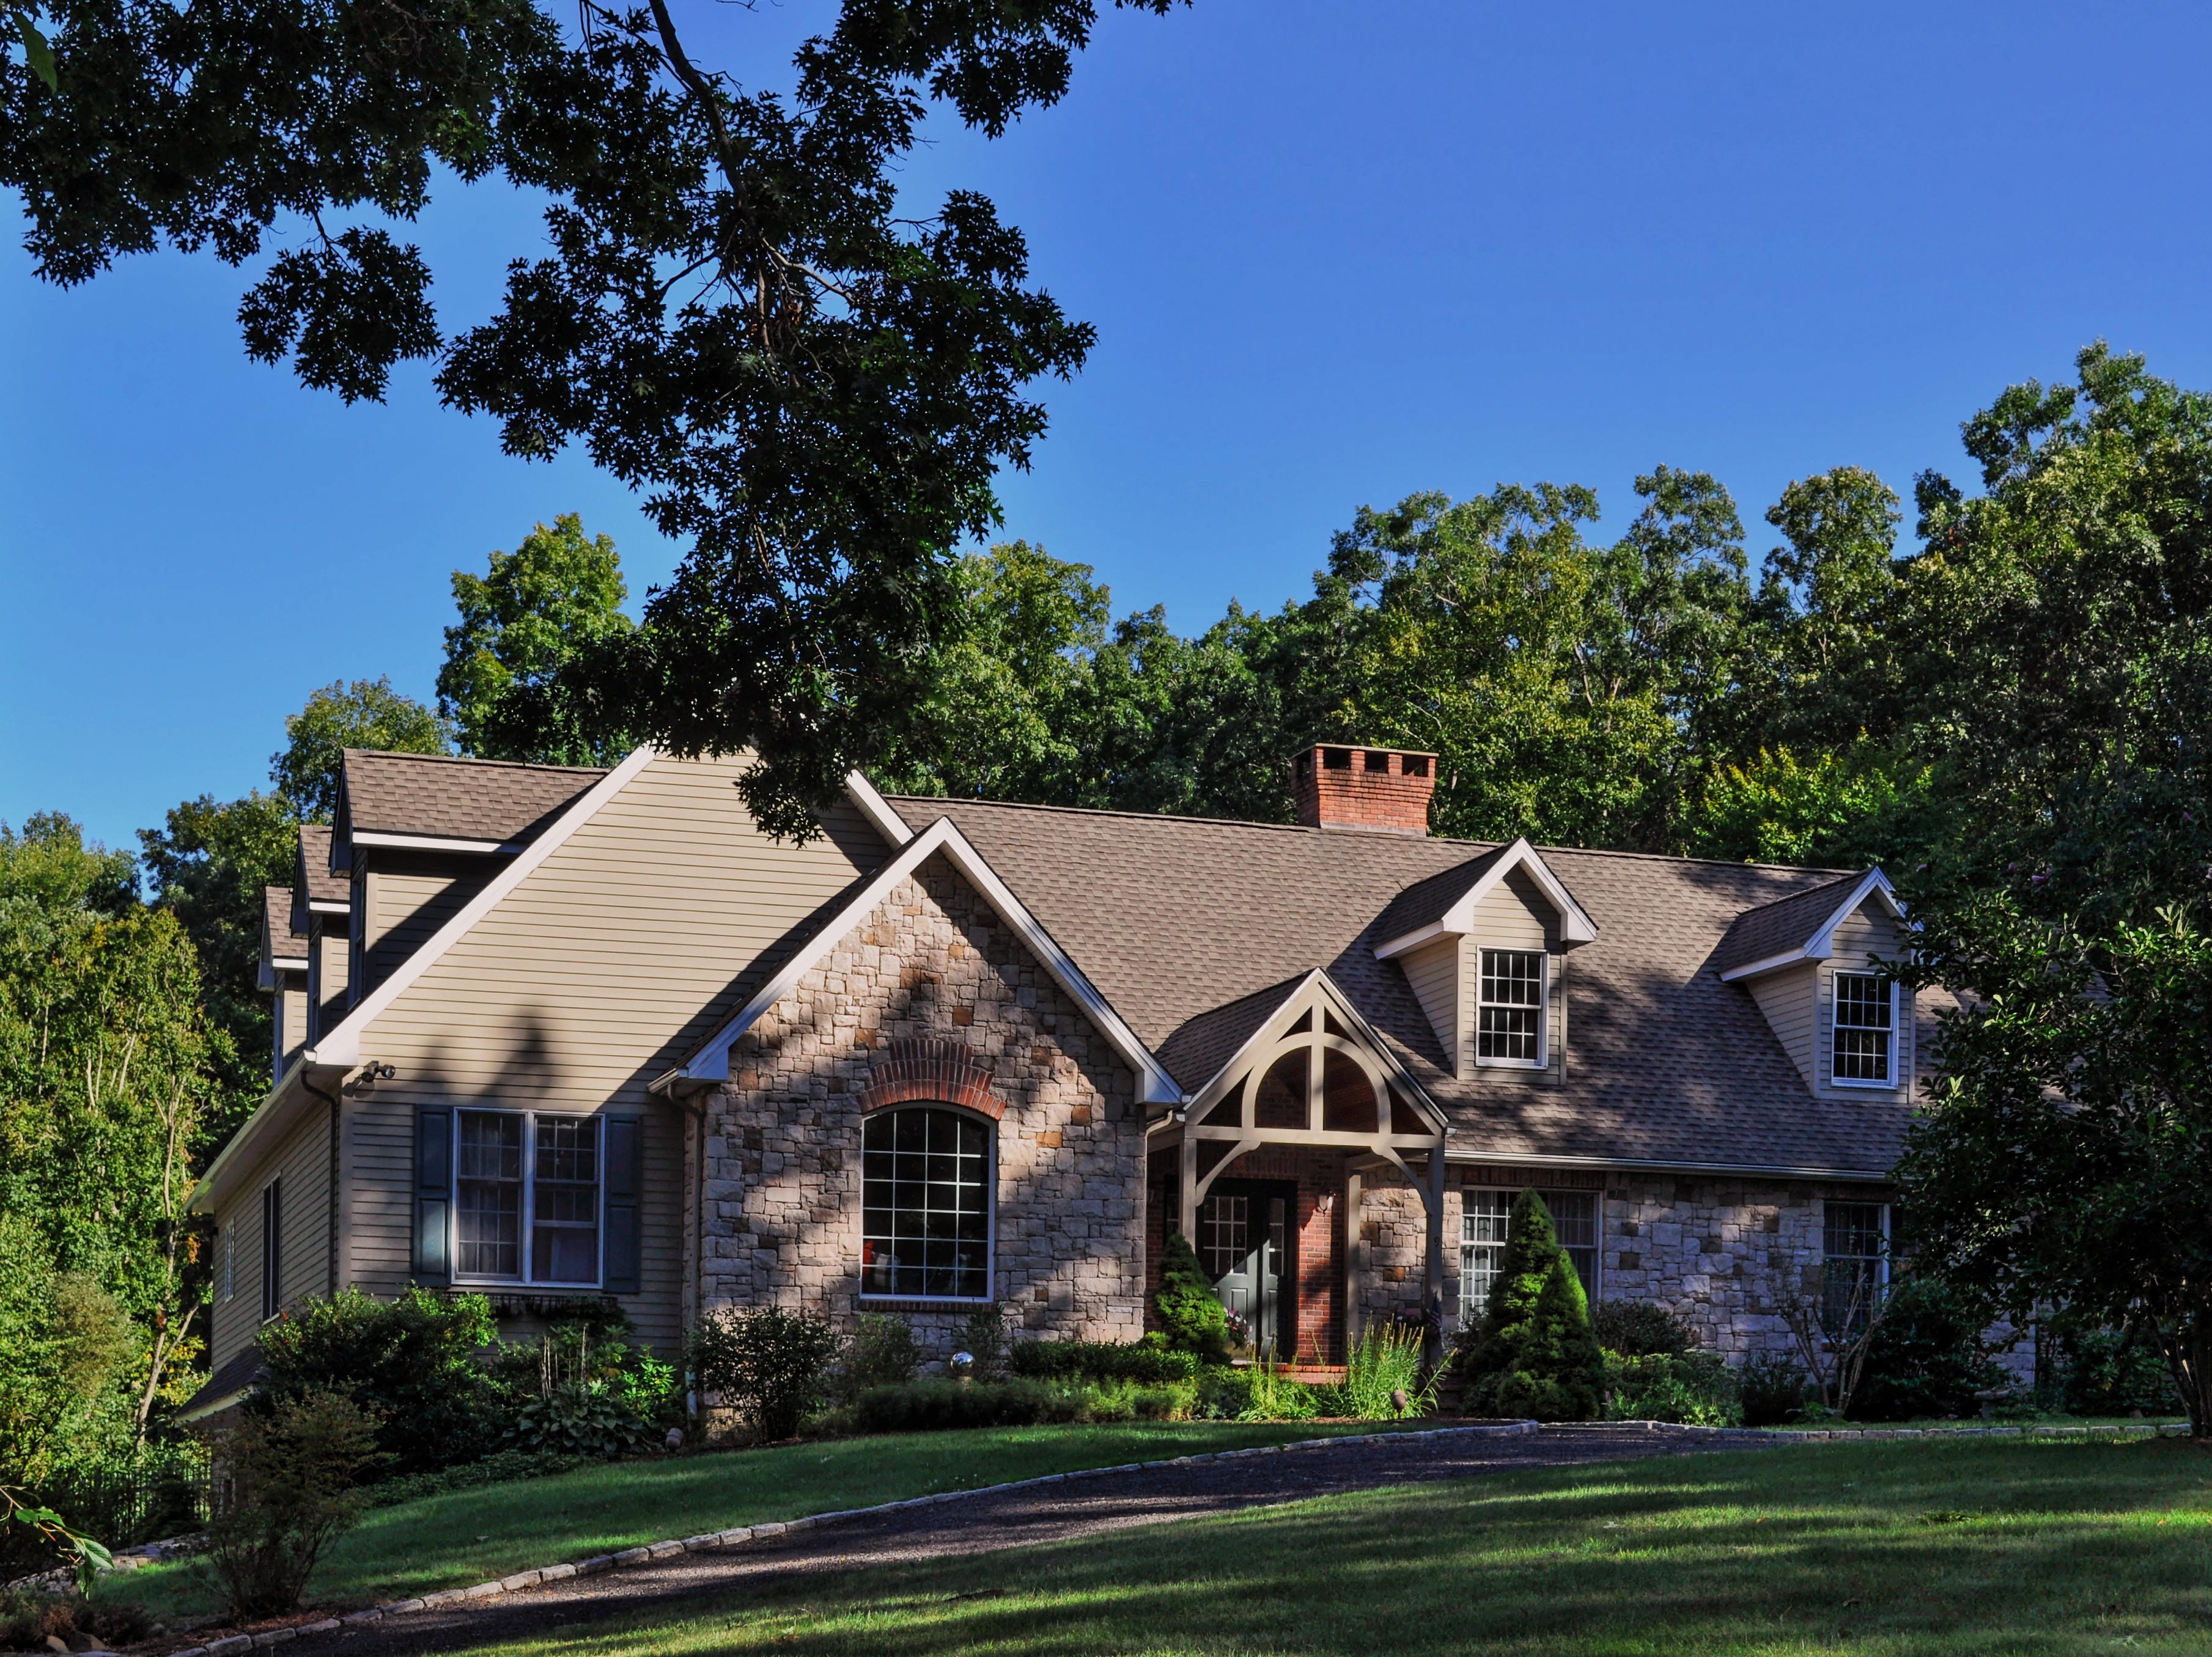 Casa Unifamiliar por un Venta en Custom Private Home 9 Pine Tree Hill Roxbury, Connecticut 06783 Estados Unidos